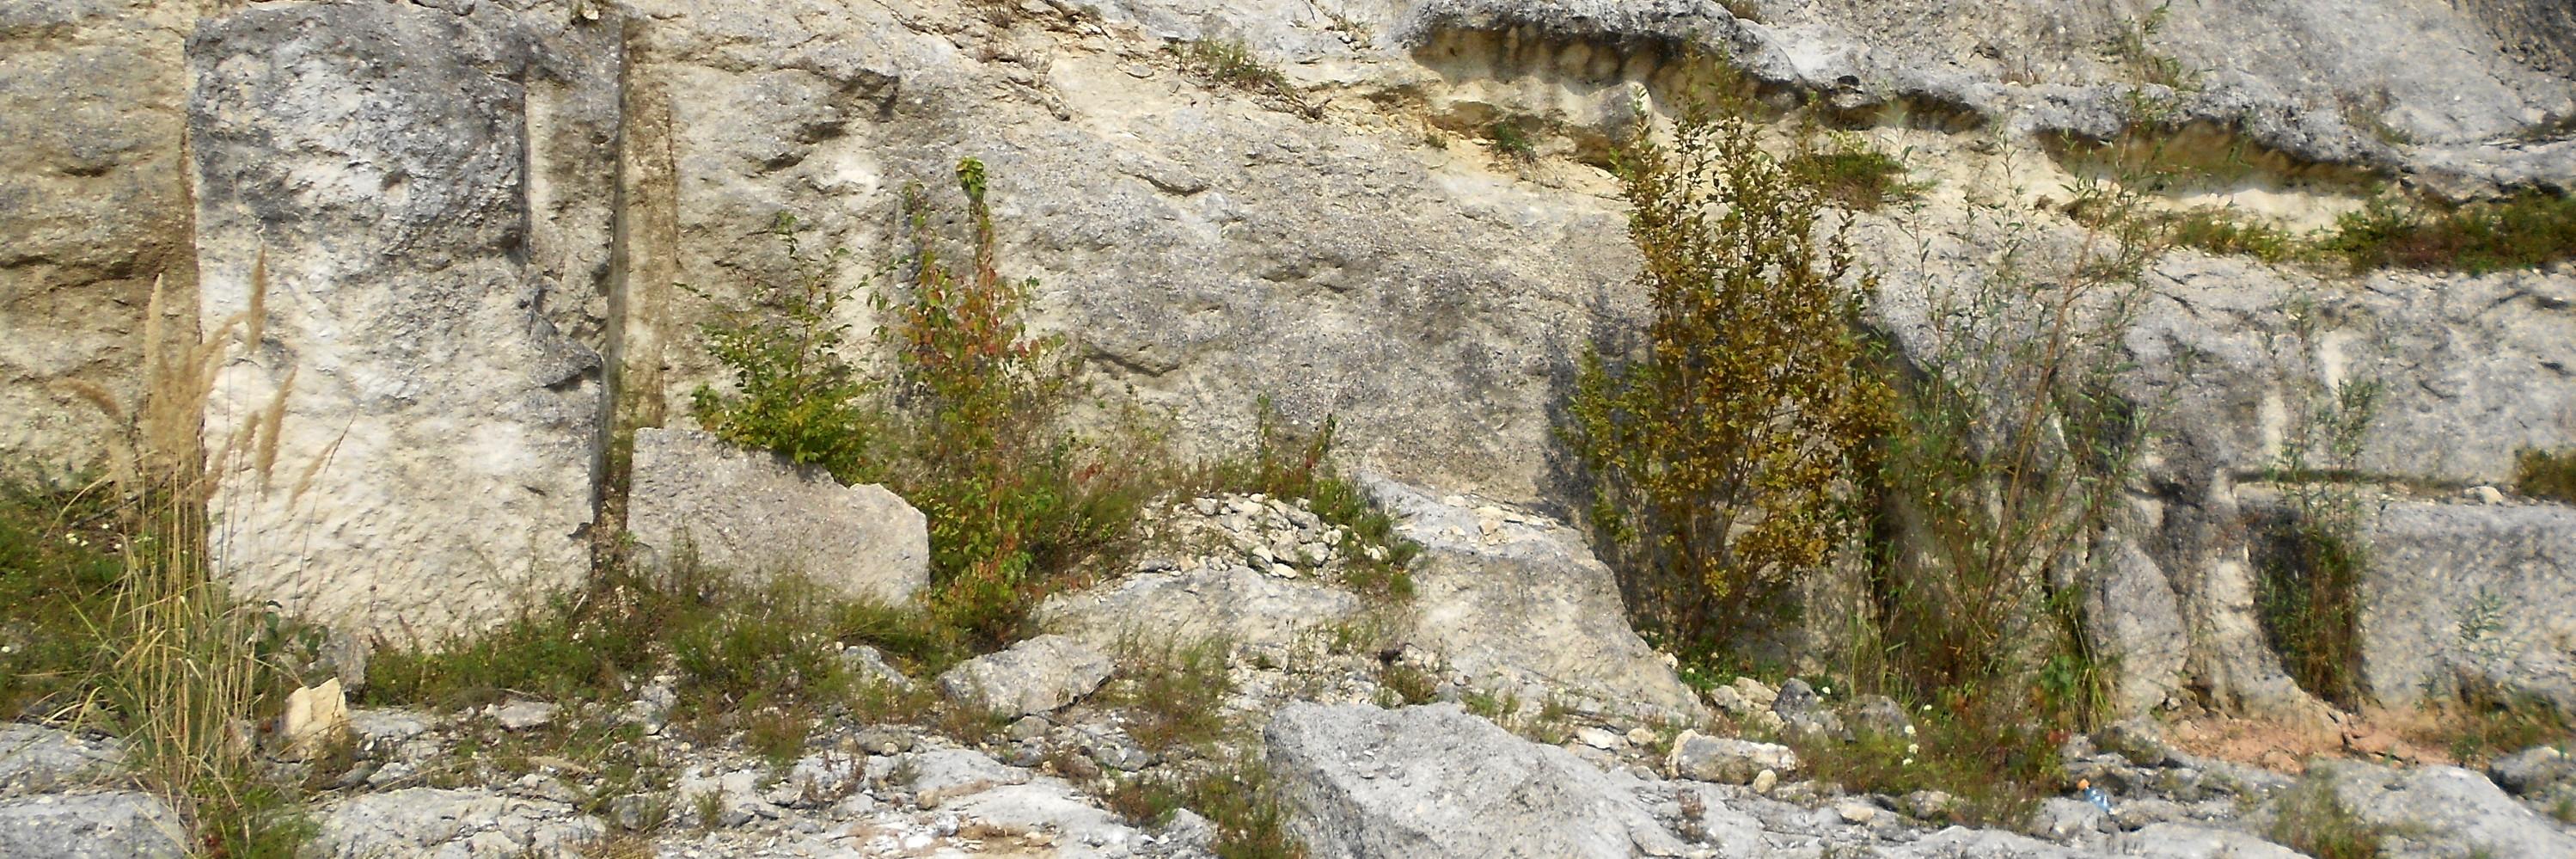 Римская каменоломня в Дардагани